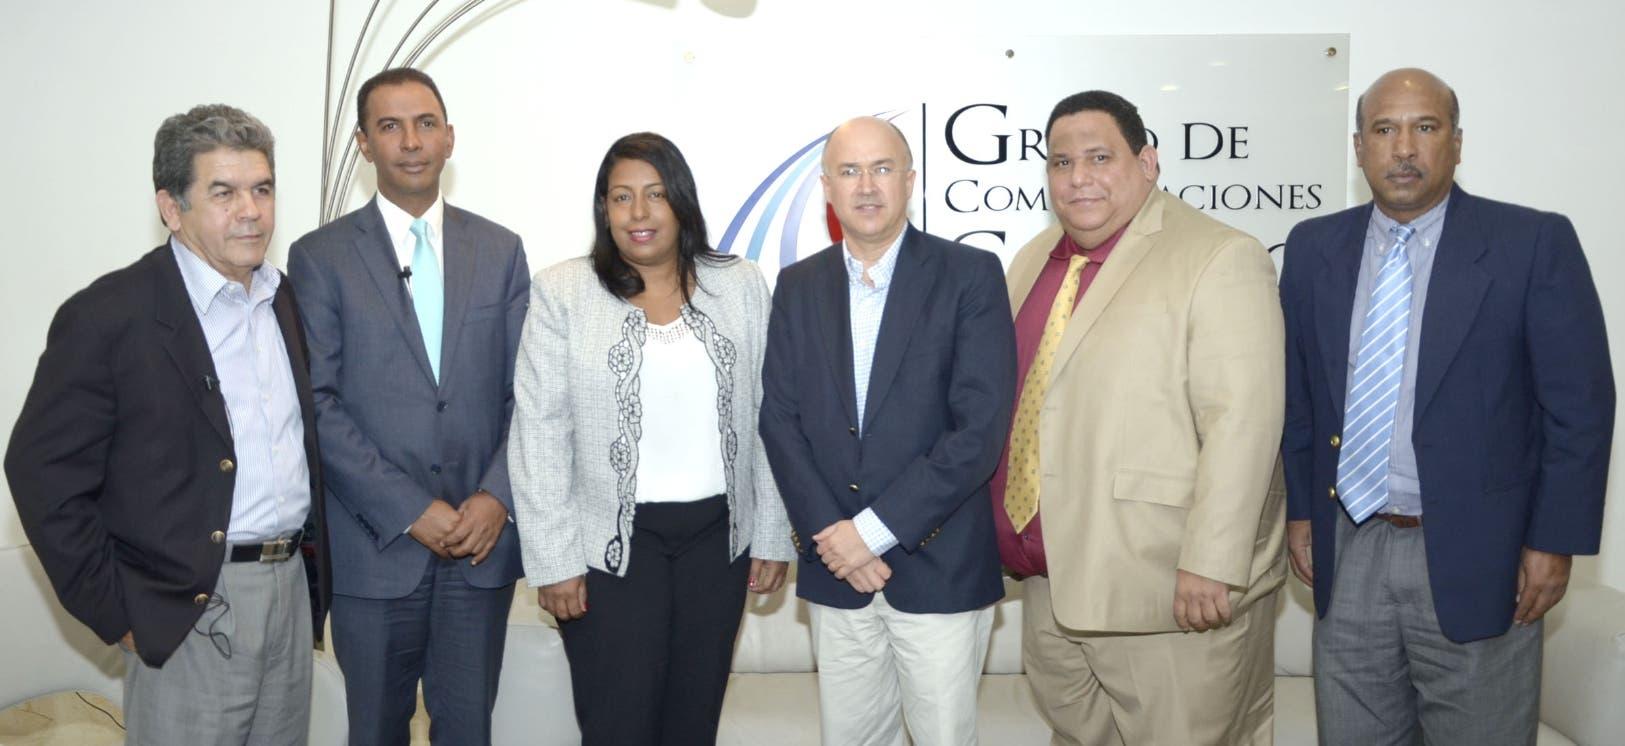 Francisco Flores Chang, Domingo Contreras, Altagracia Tavárez, Francisco Dominguez Brito, Rafael Hidalgo y Onofre Rojas.